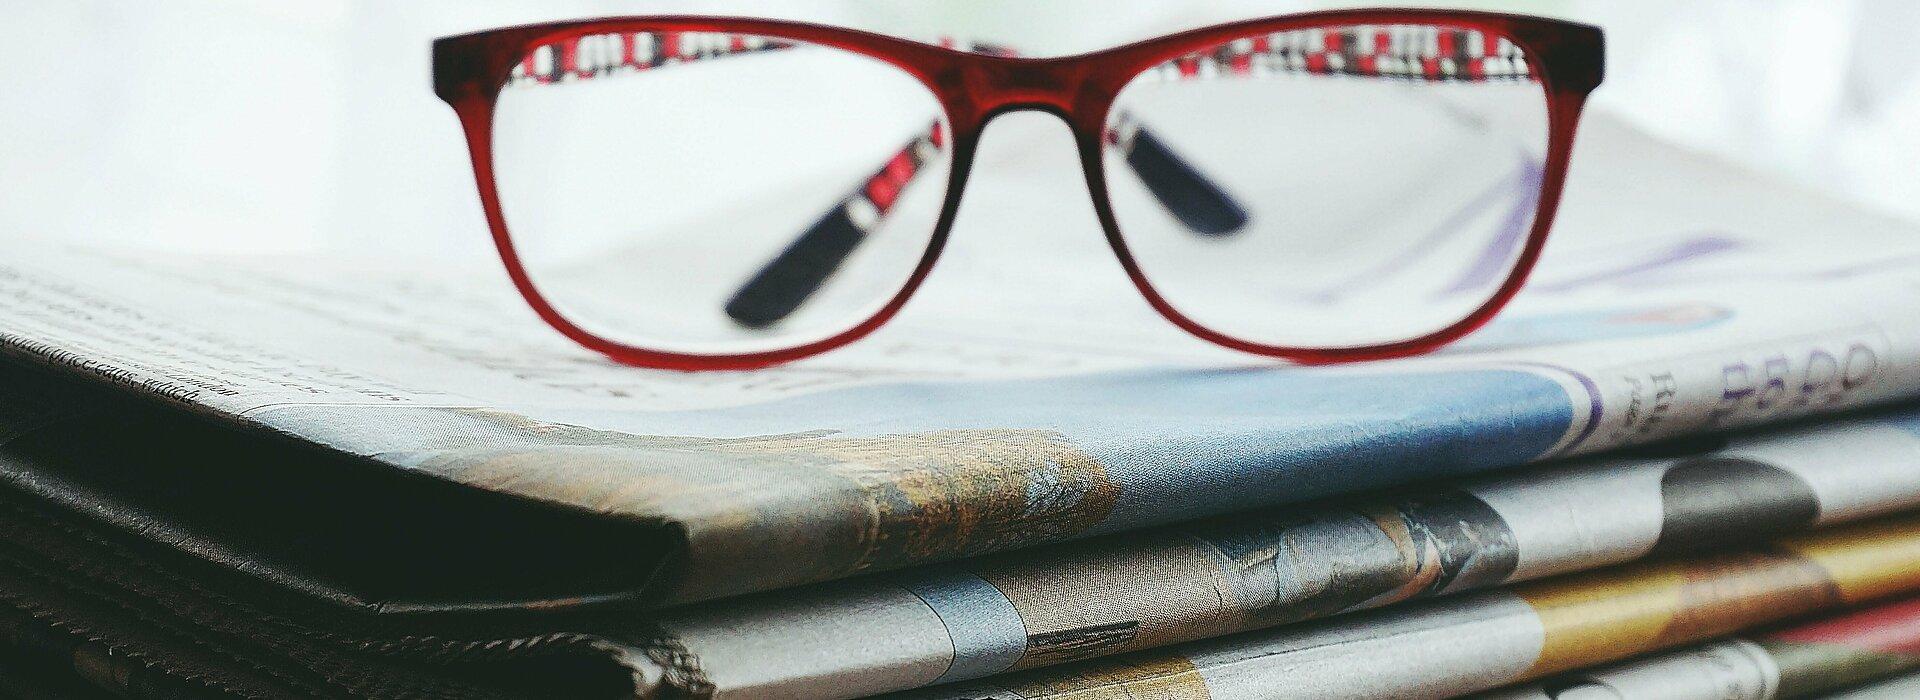 óculos em cima de vários jornais